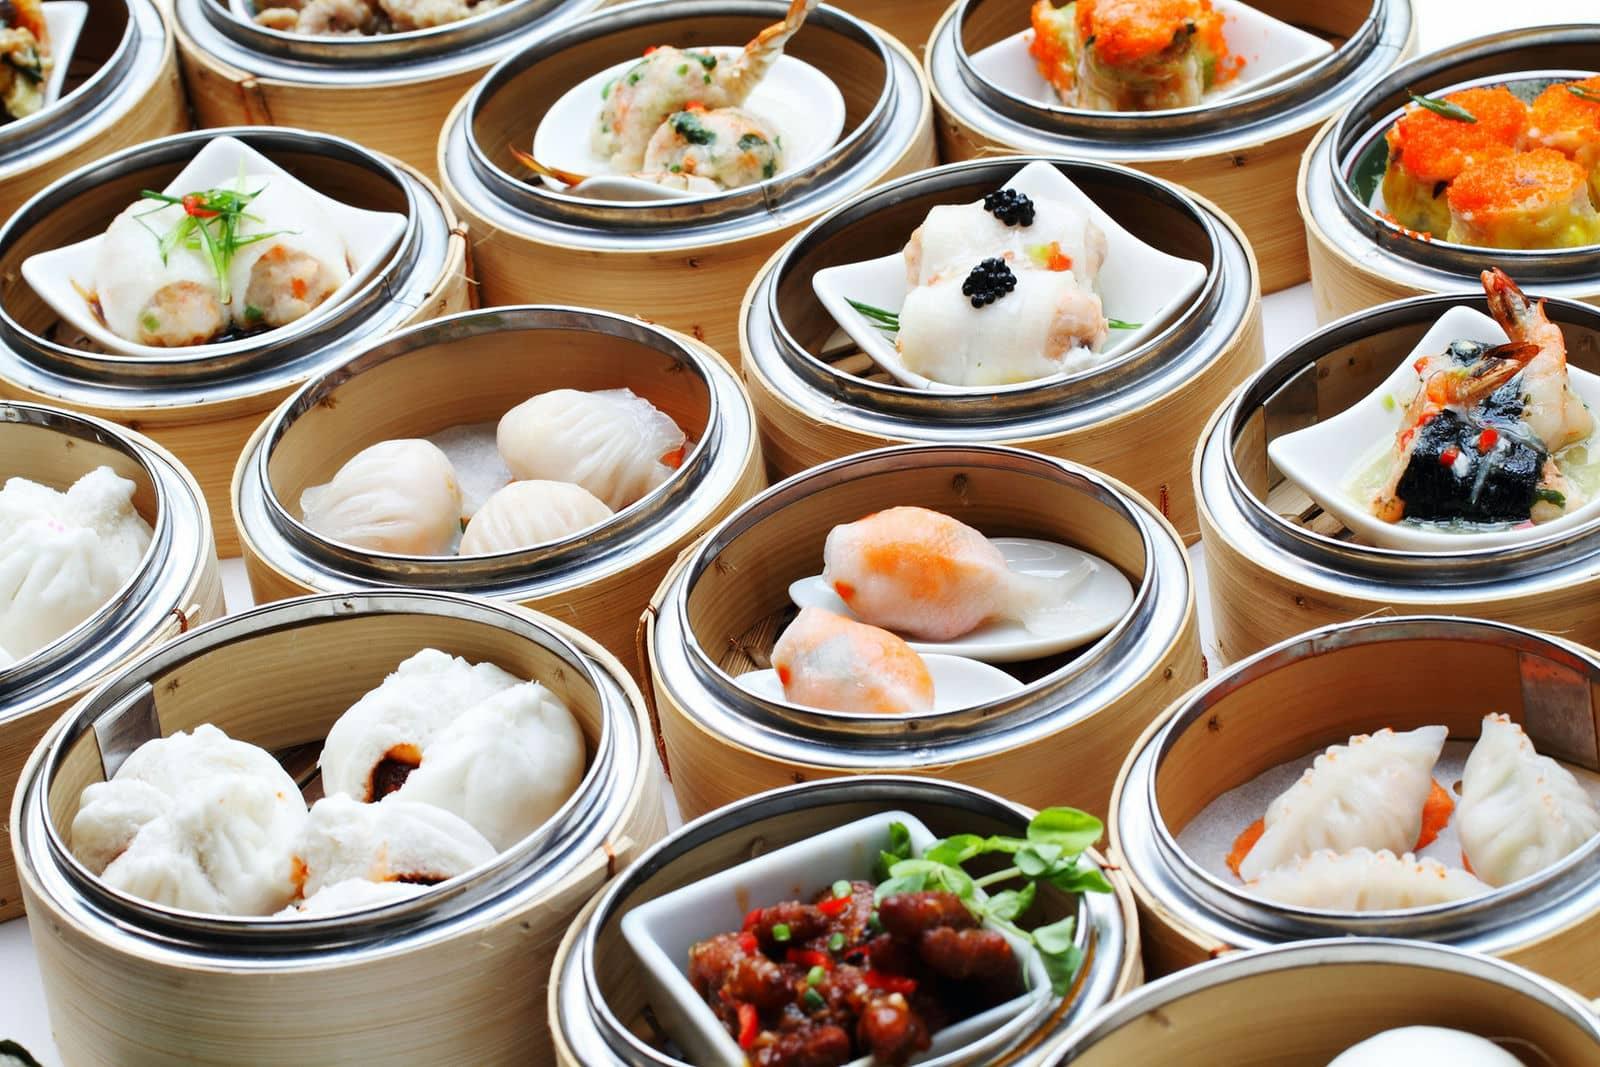 Điểm sấm là món ăn nổi tiếng nhất Quảng Đông